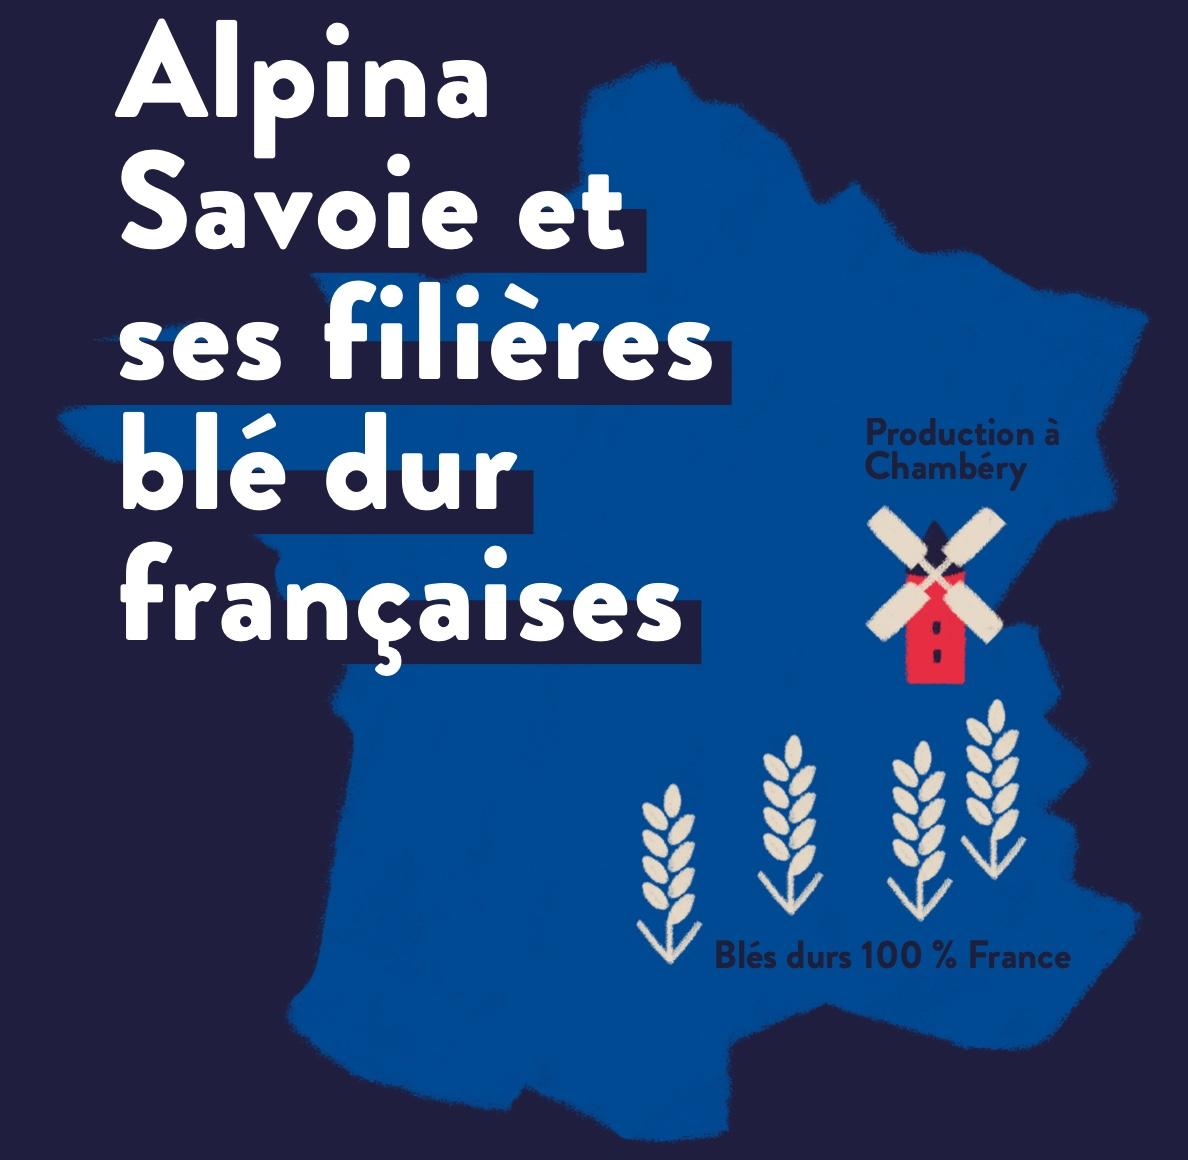 Capture decran 2021 02 01 a 15.39.23 - Alpina Savoie est engagé pour une culture durable